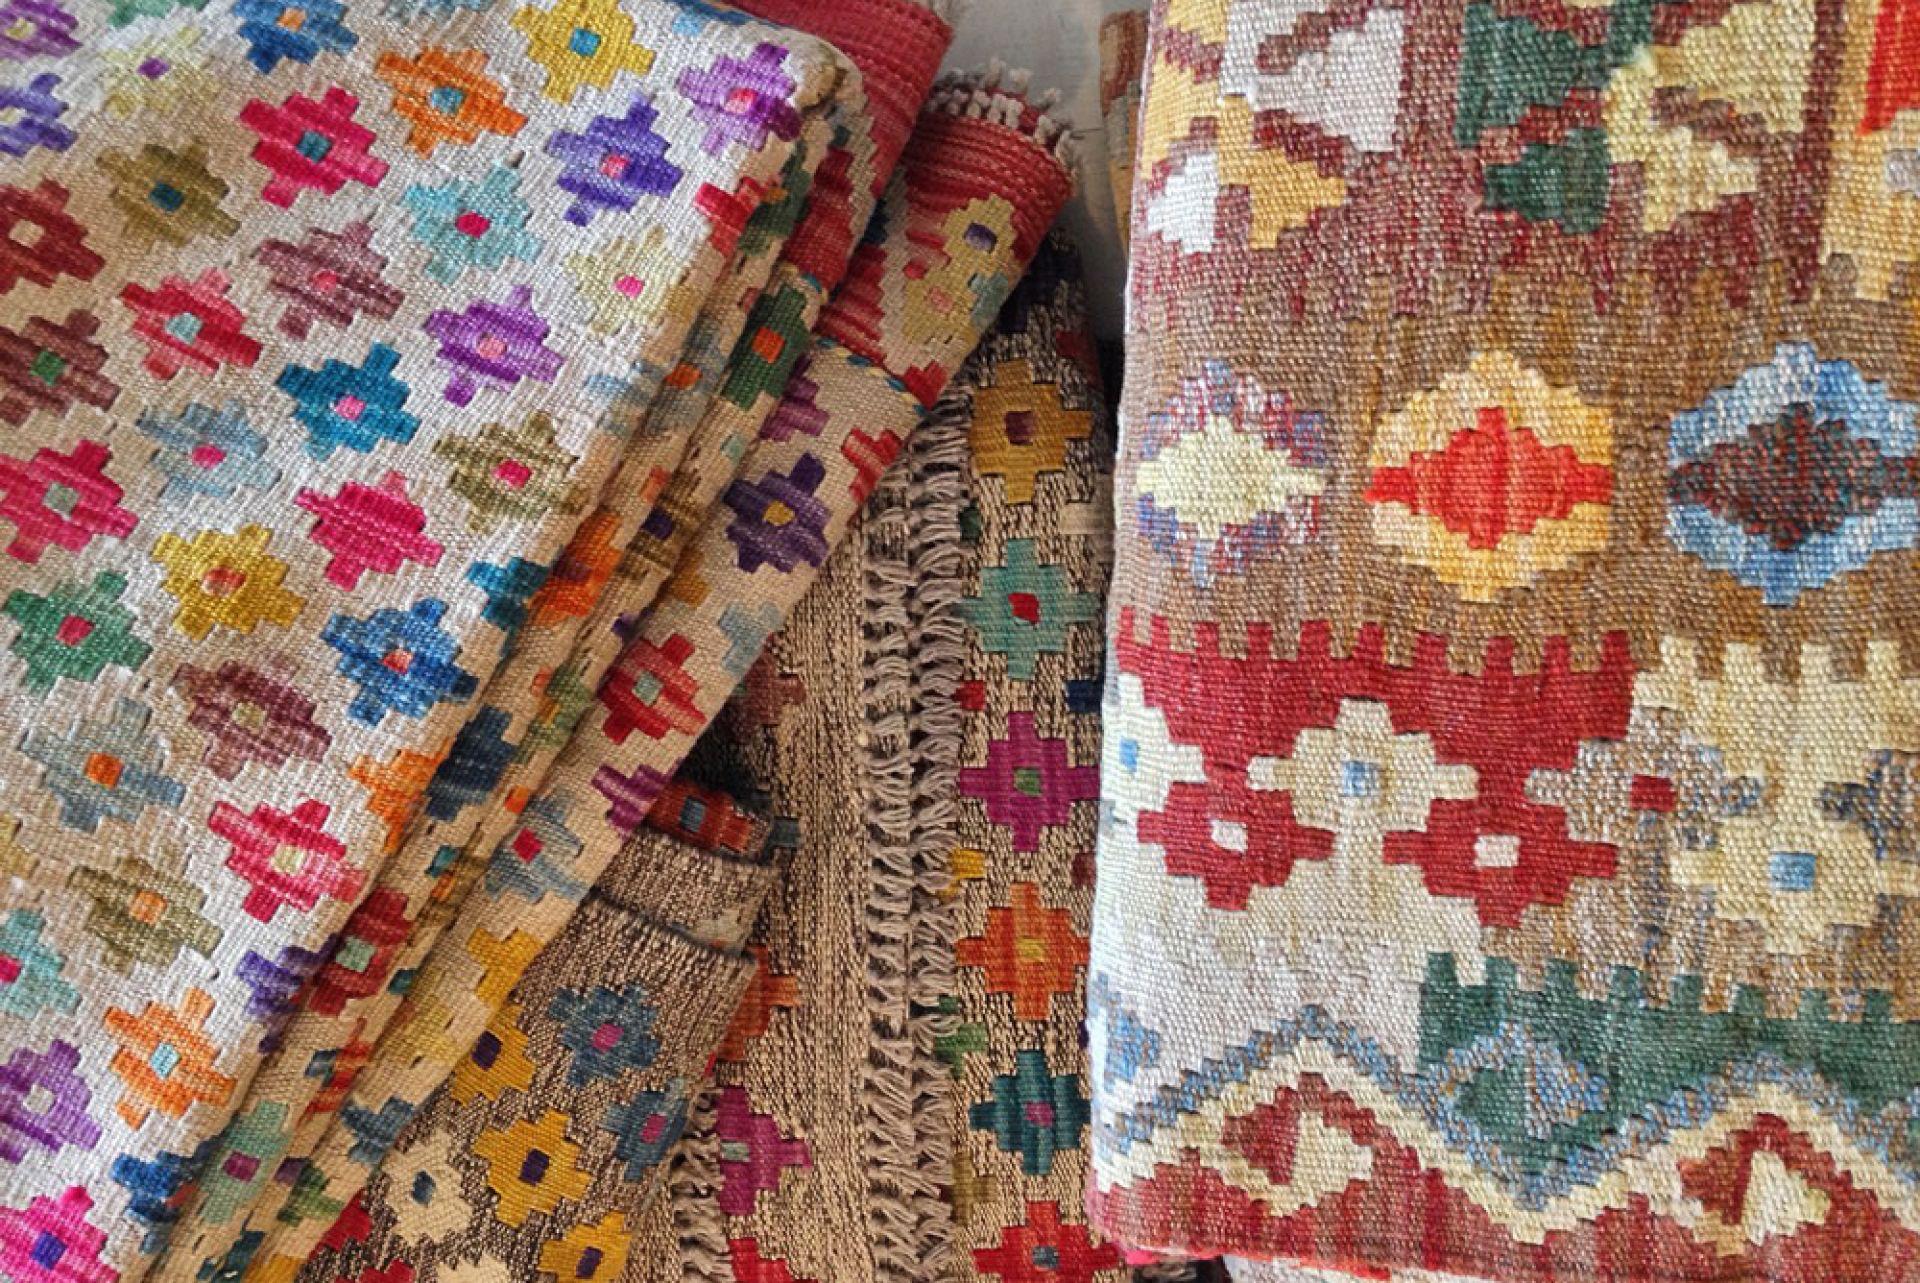 Bazhars con dise os de marca en sus alfombras for Decoracion hogar artesanal